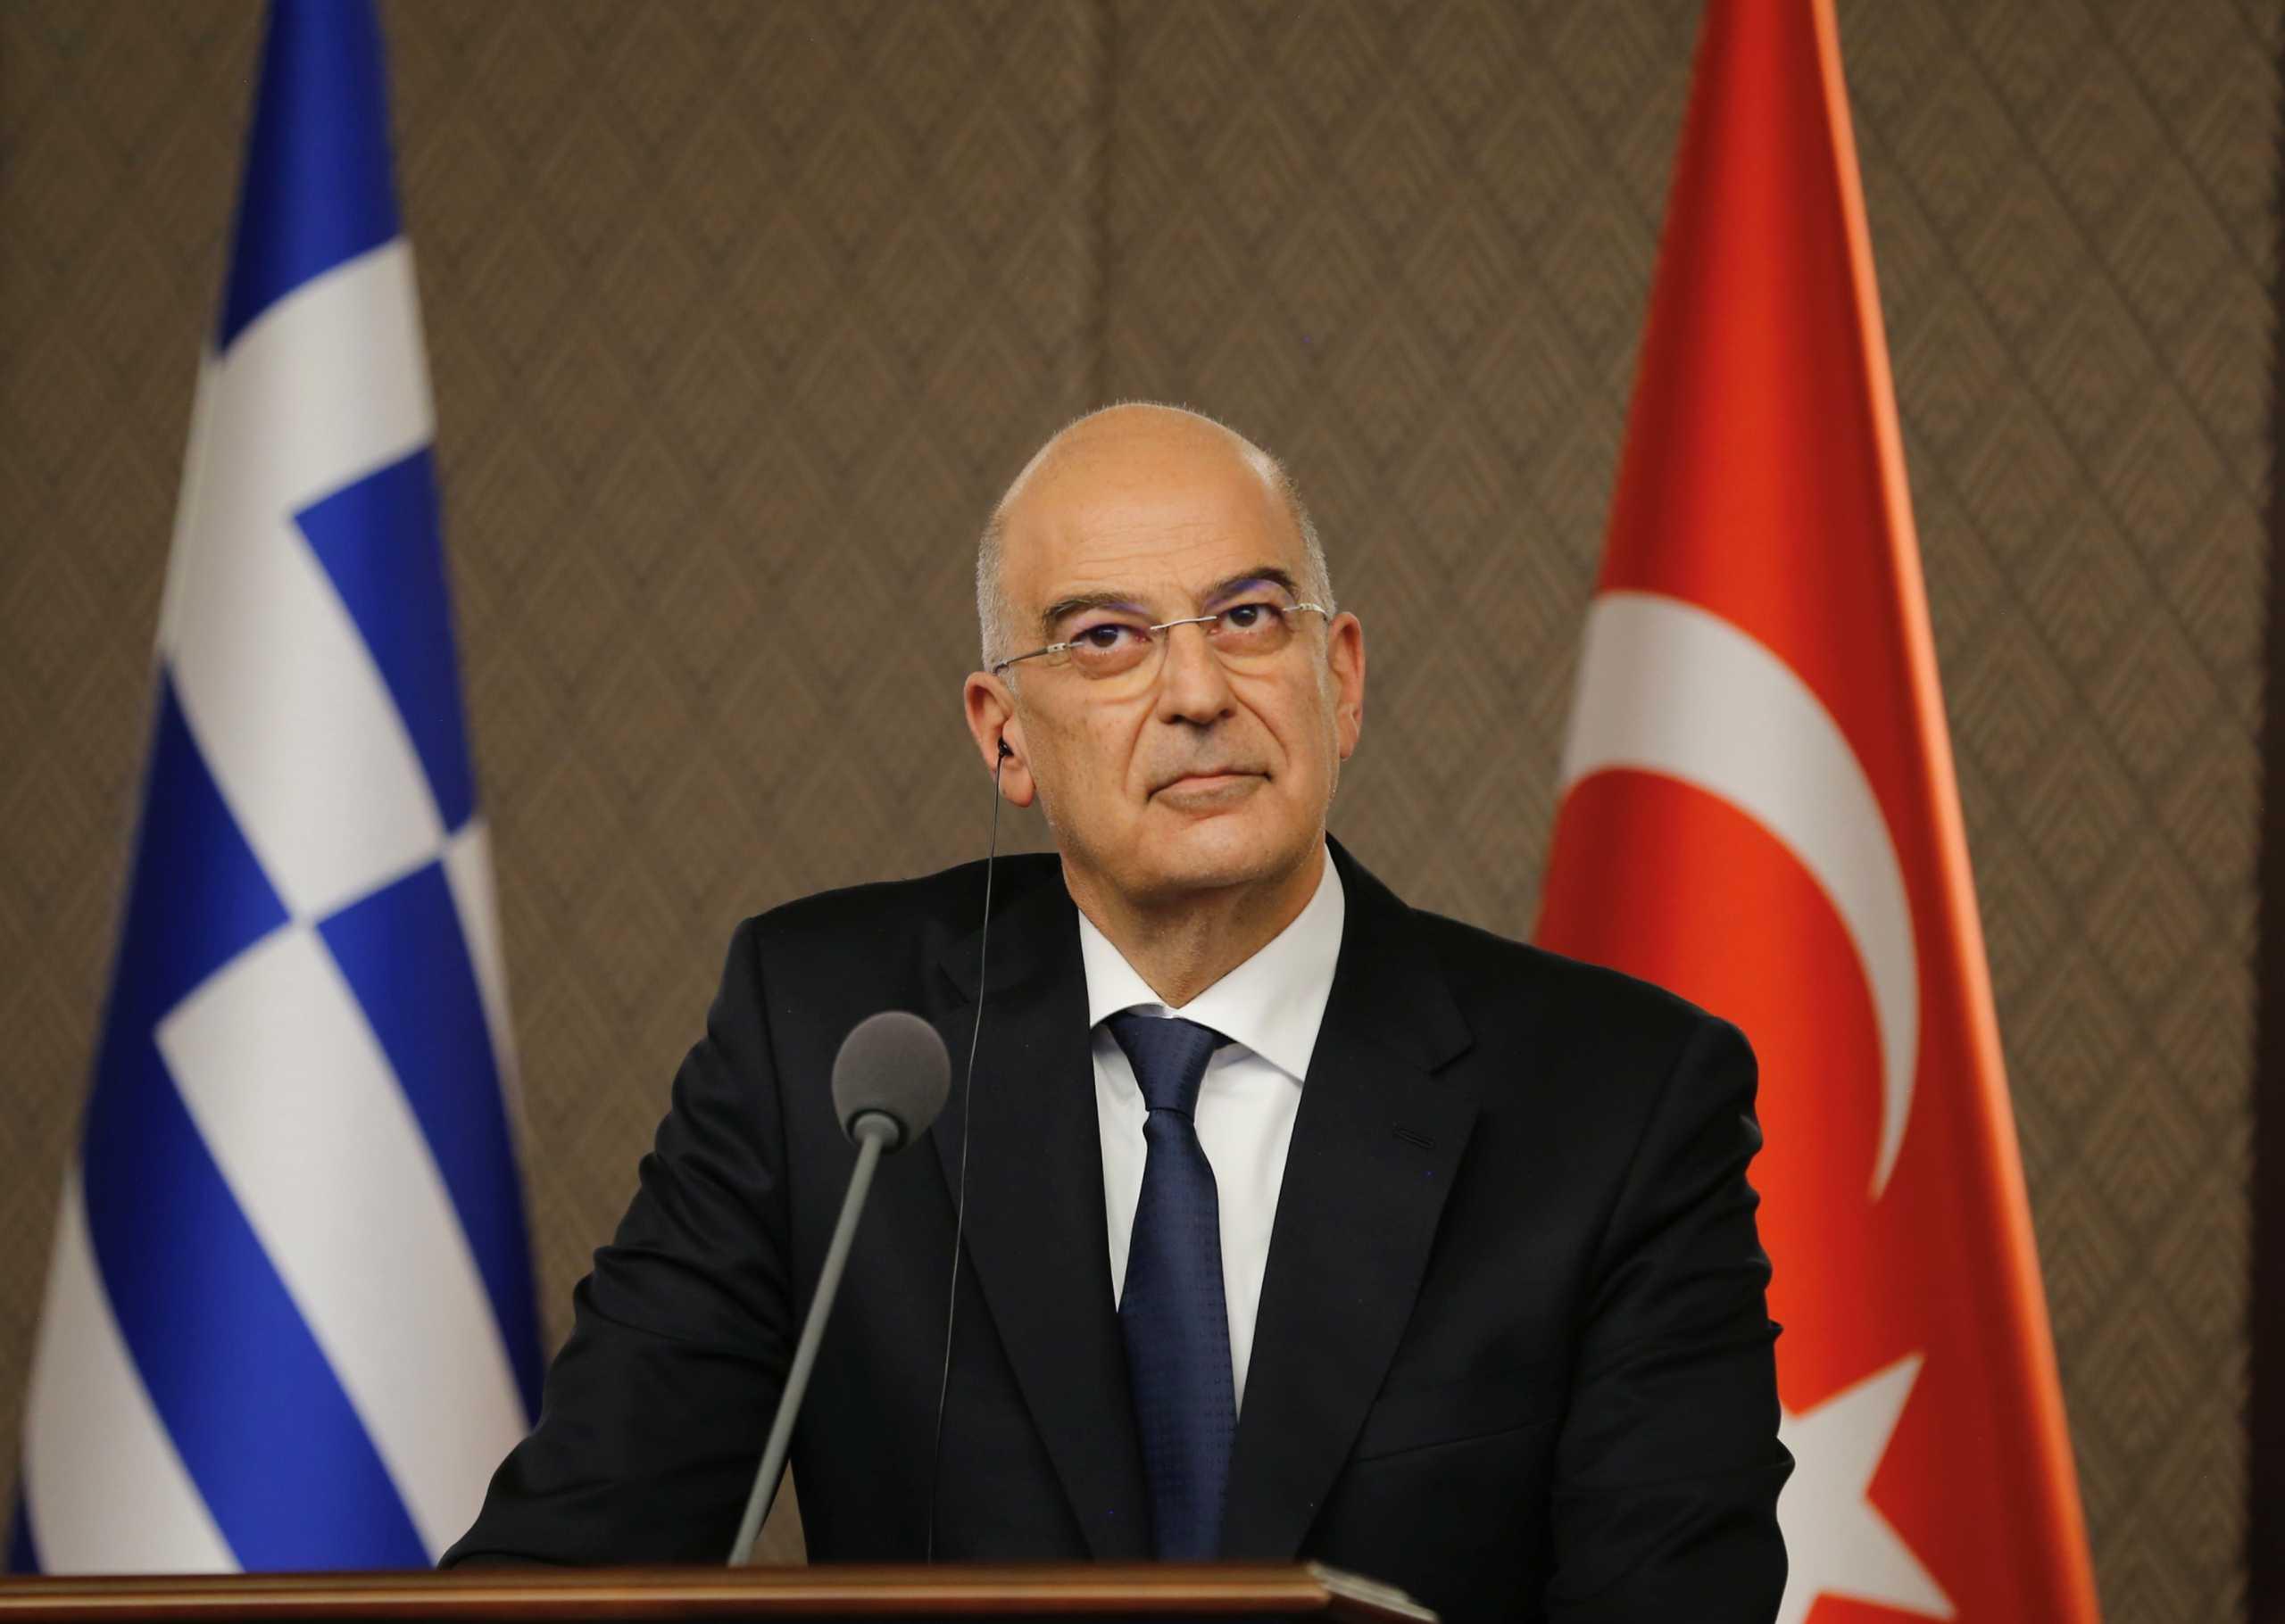 Δένδιας: Δε μπορούμε να κρύψουμε τις διαφωνίες μας με την Τουρκία